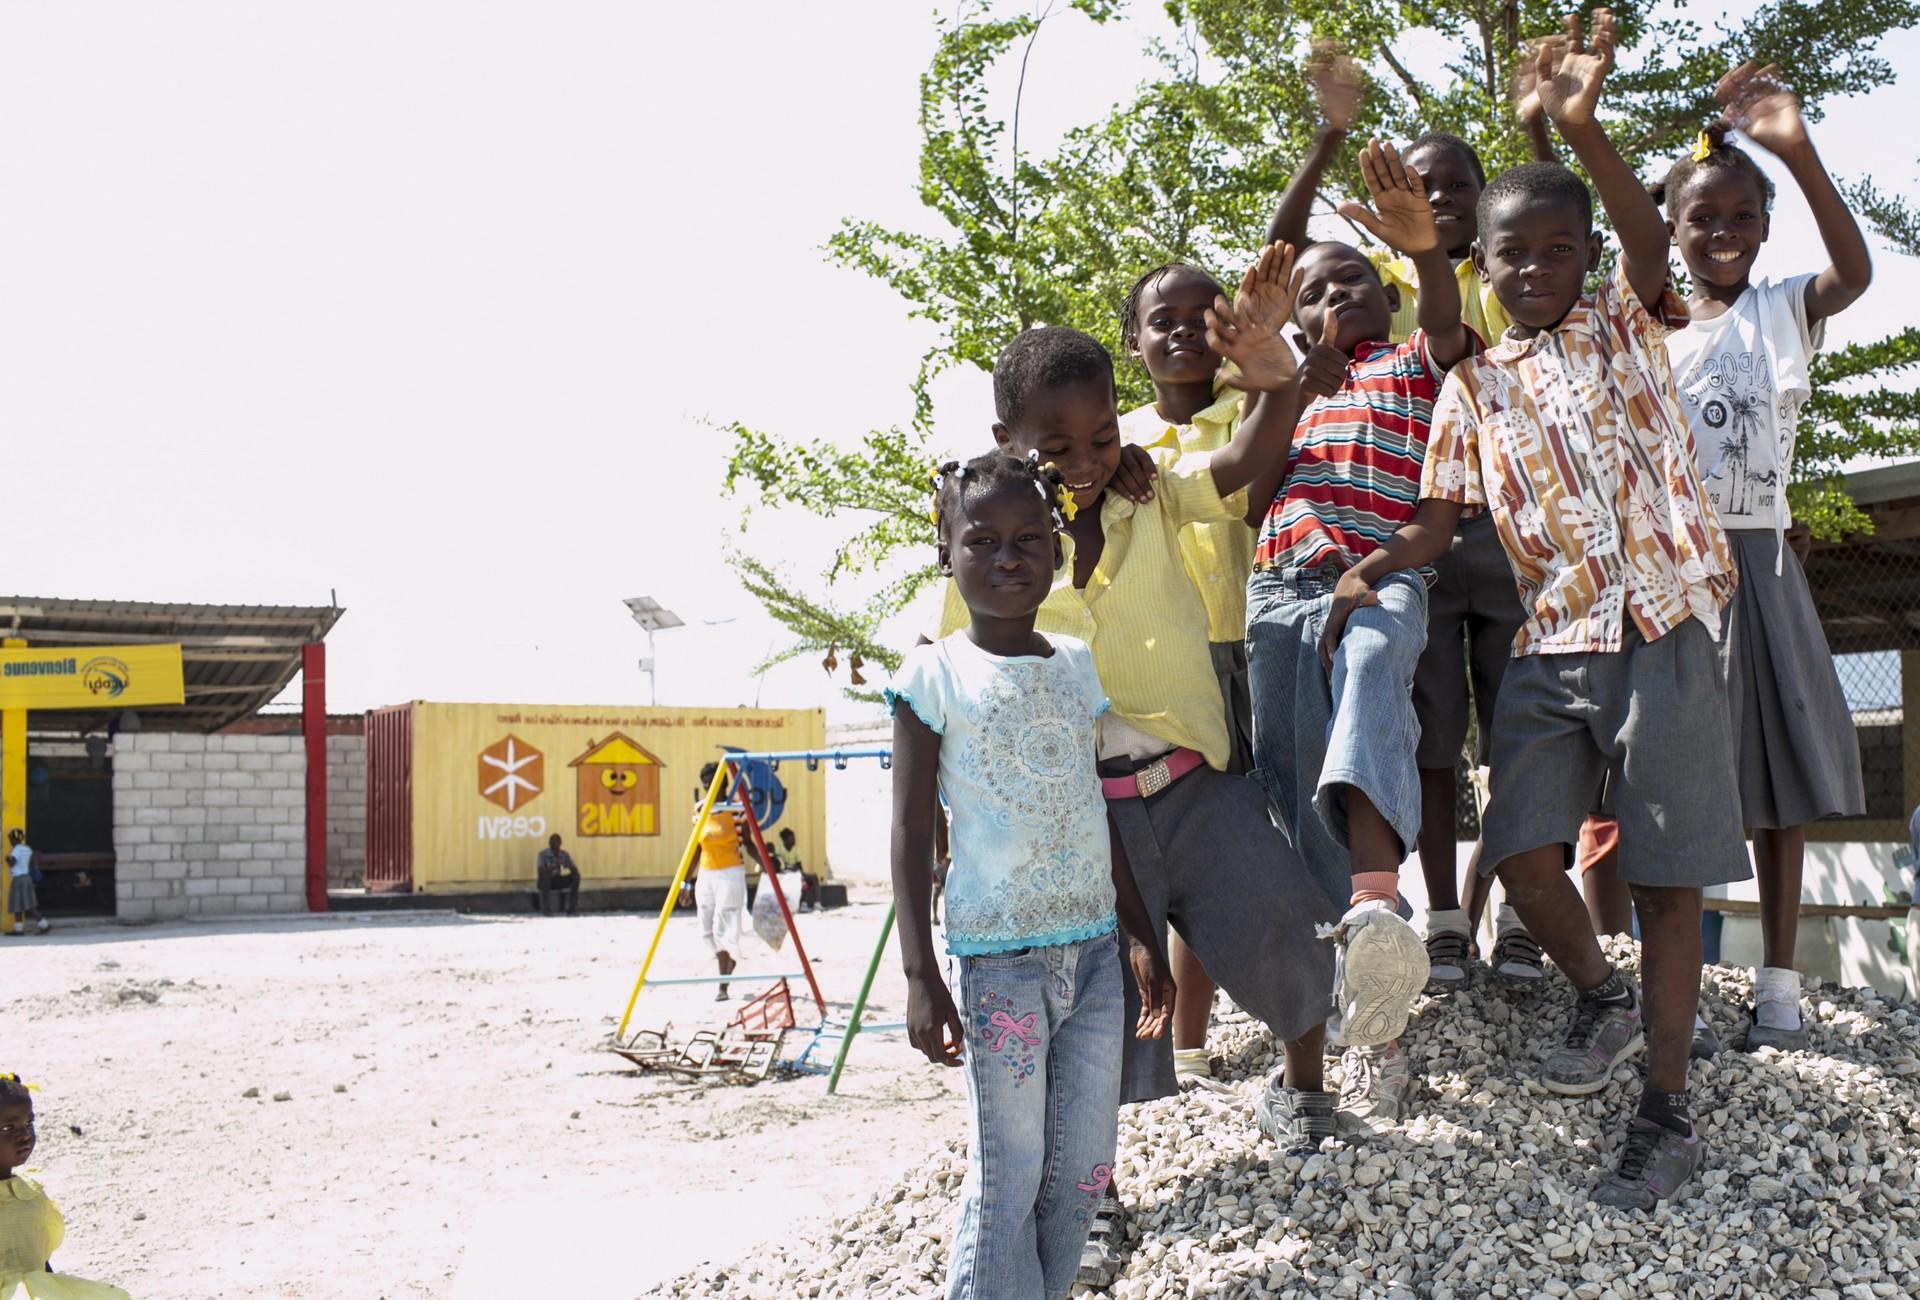 Foto di Roger Lo Guarro. infanzia negata, i diritti dei bambini